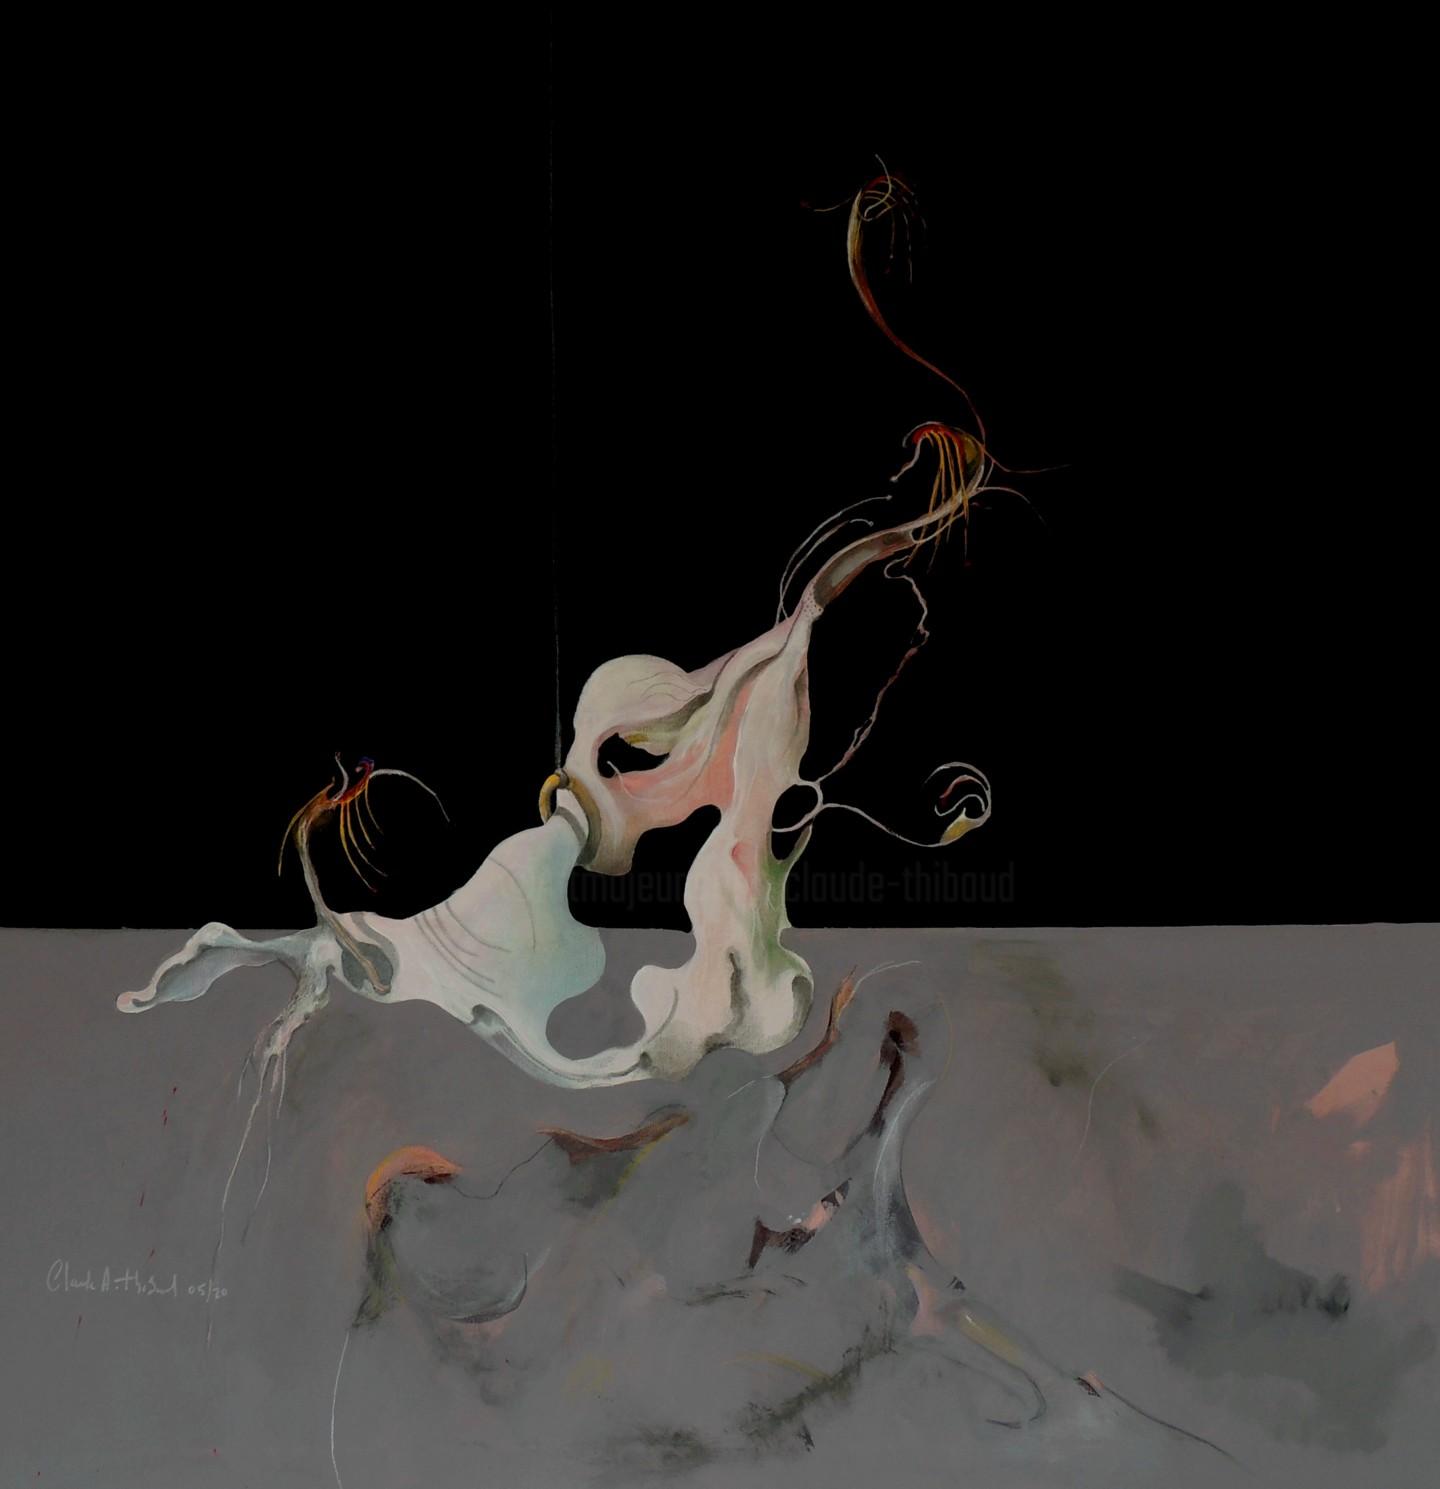 Claude André Thibaud - FLEUR LUMIÈRE/FLOWER LIGHT